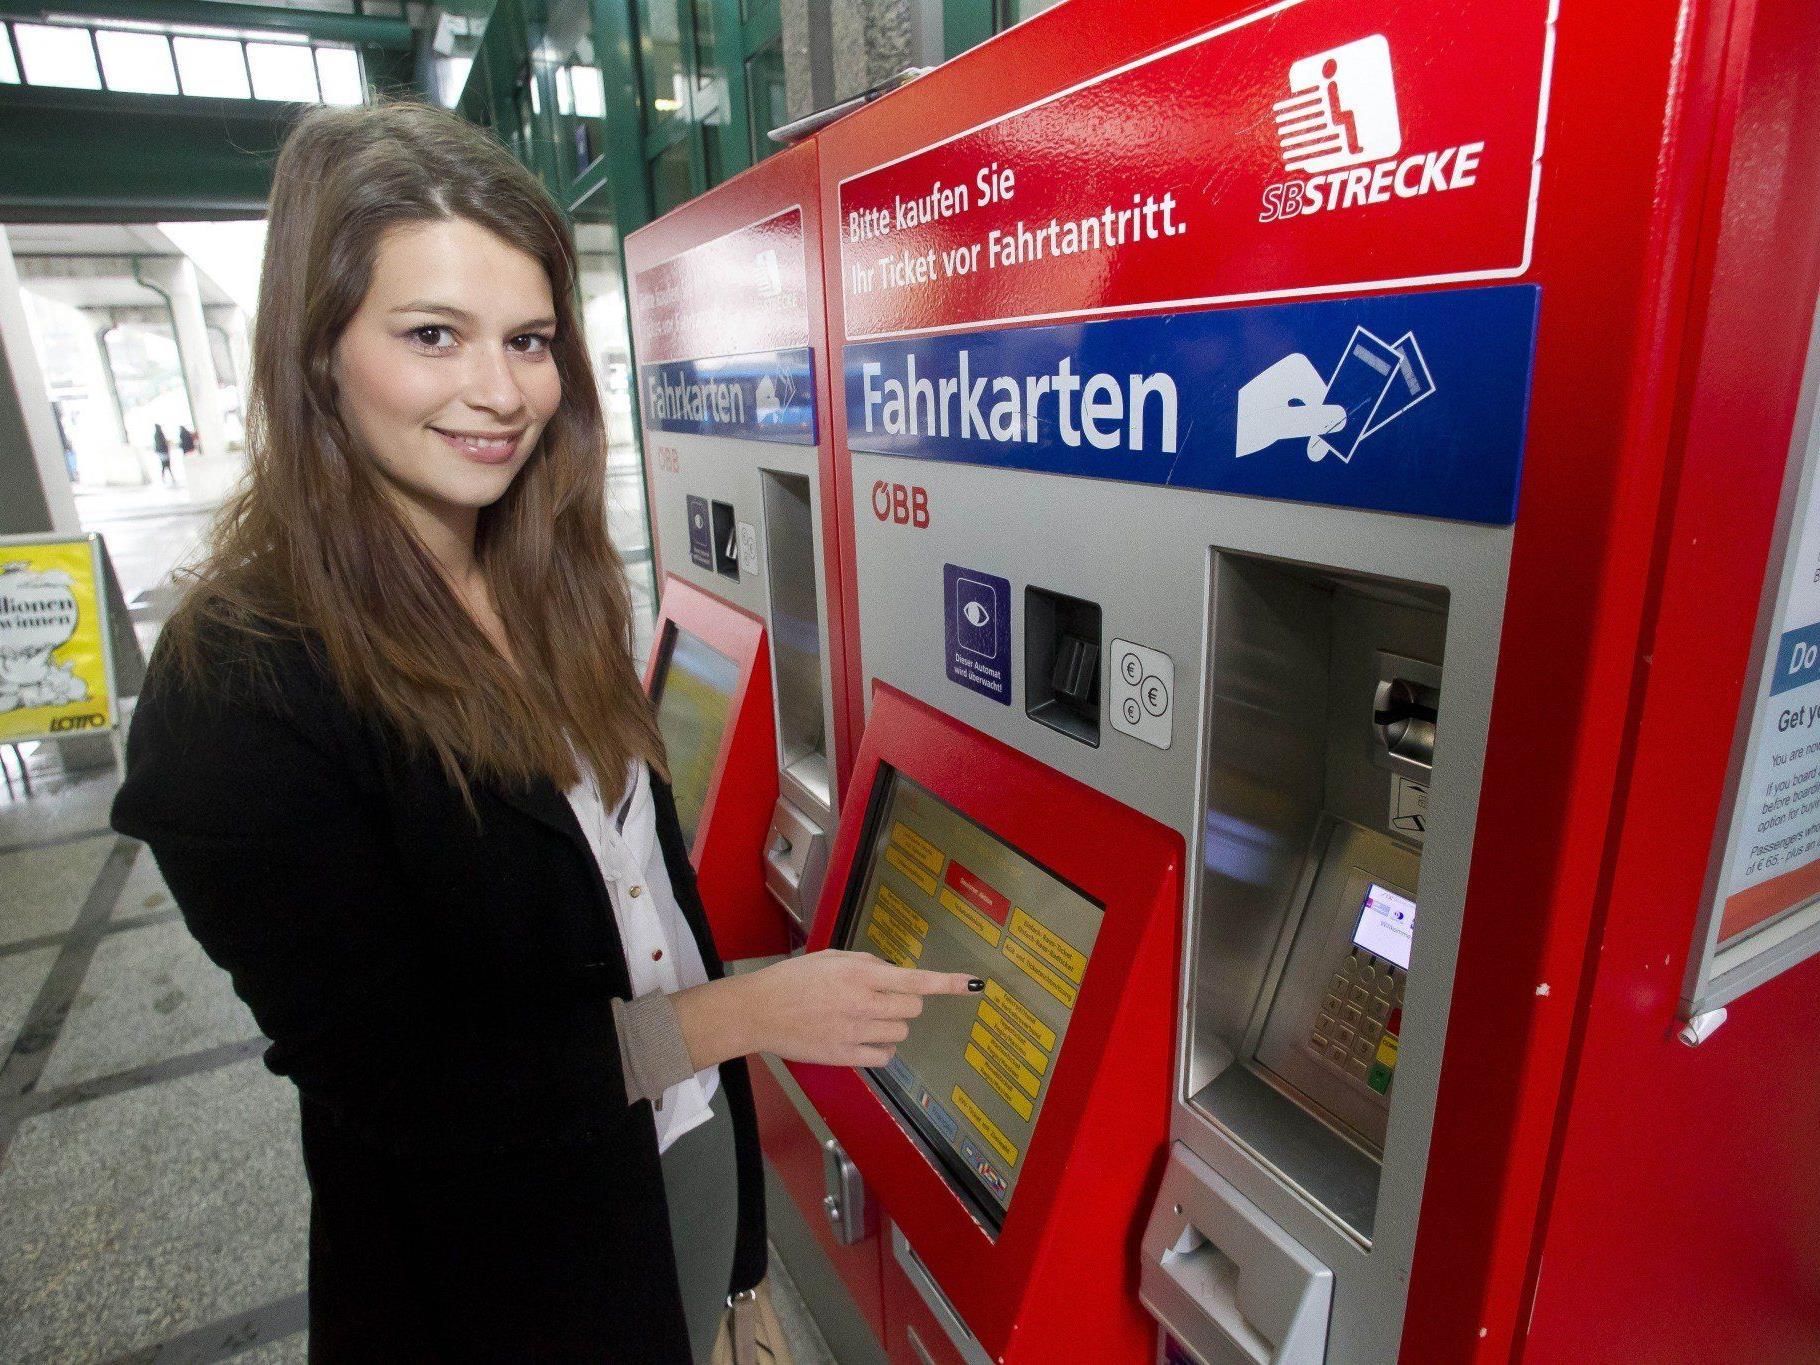 Das neue Tarifsystem des Verkehrsverbunds punktet mit günstigen Preisen.